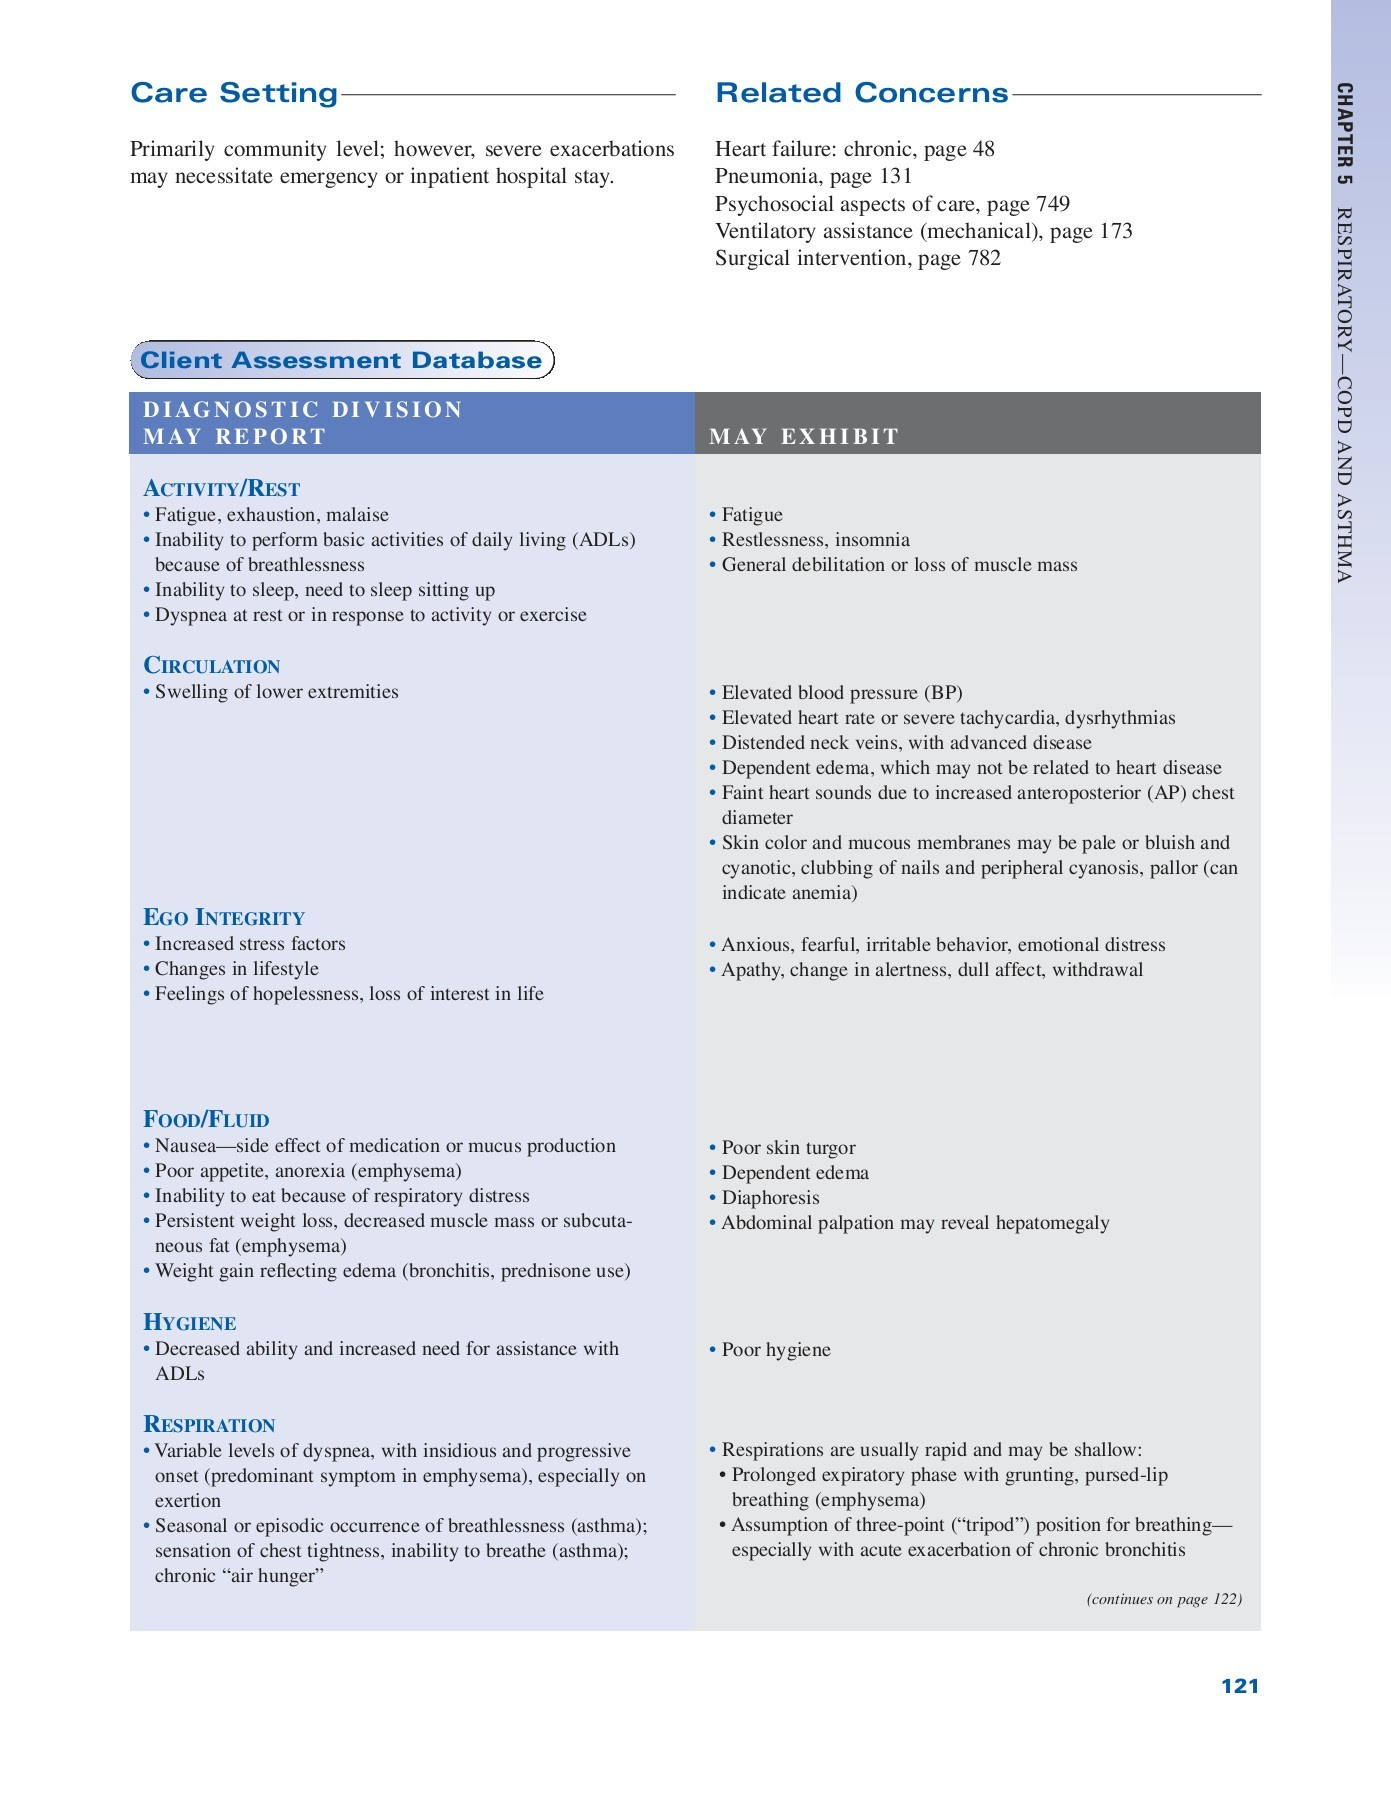 Asthma Exacerbation Nursing Care Plan - Asthma Lung Disease